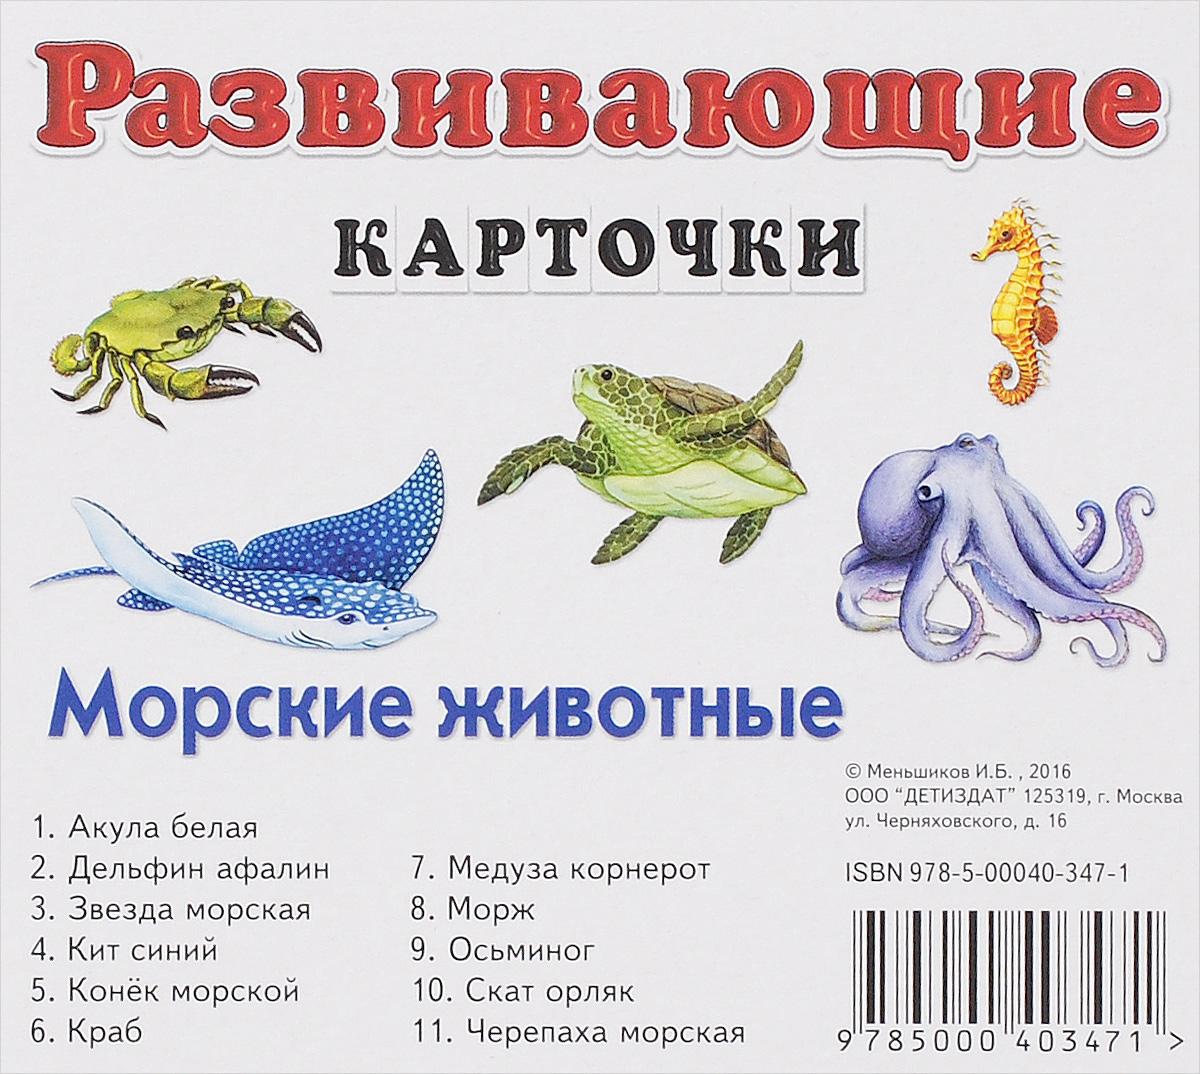 Морские животные. Развивающие карточки (набор из 11 карточек)